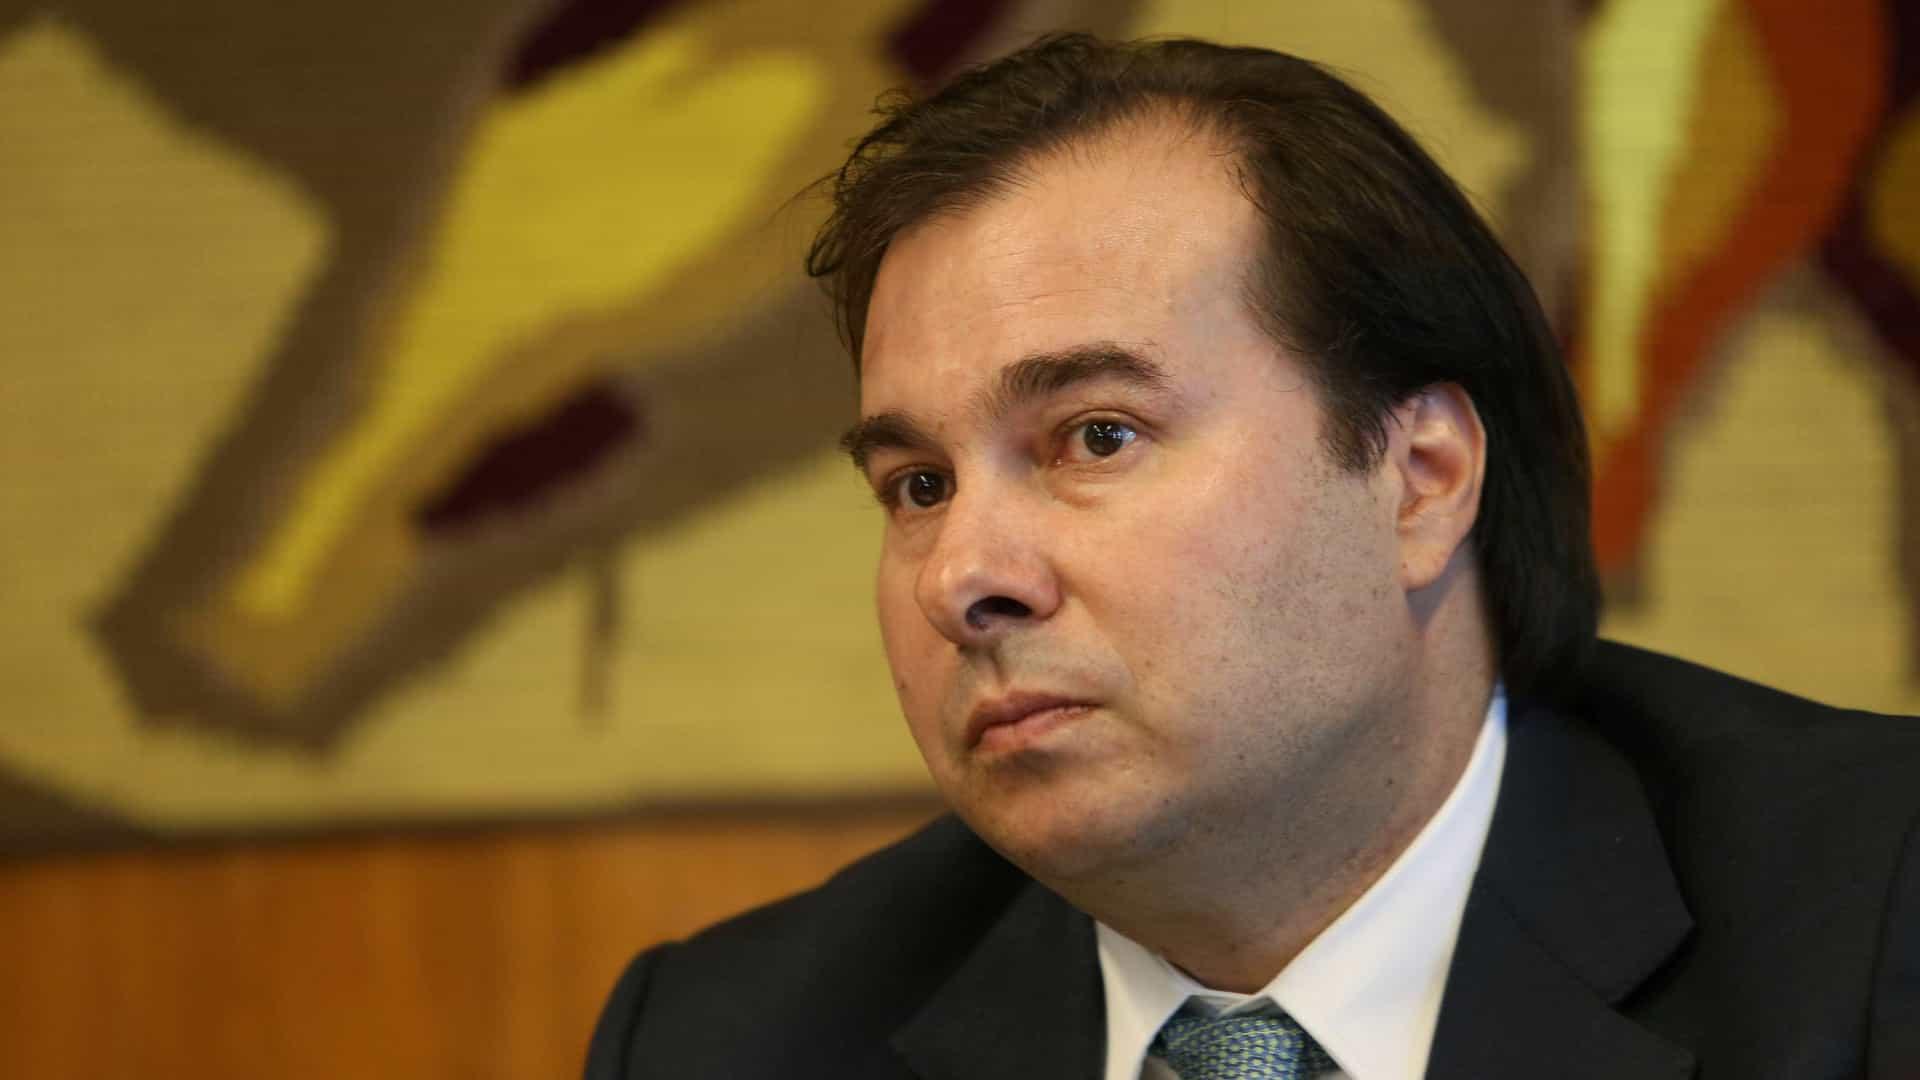 Reforma da Previdência: 330 deputados devem votar favoravelmente, segundo Onyx